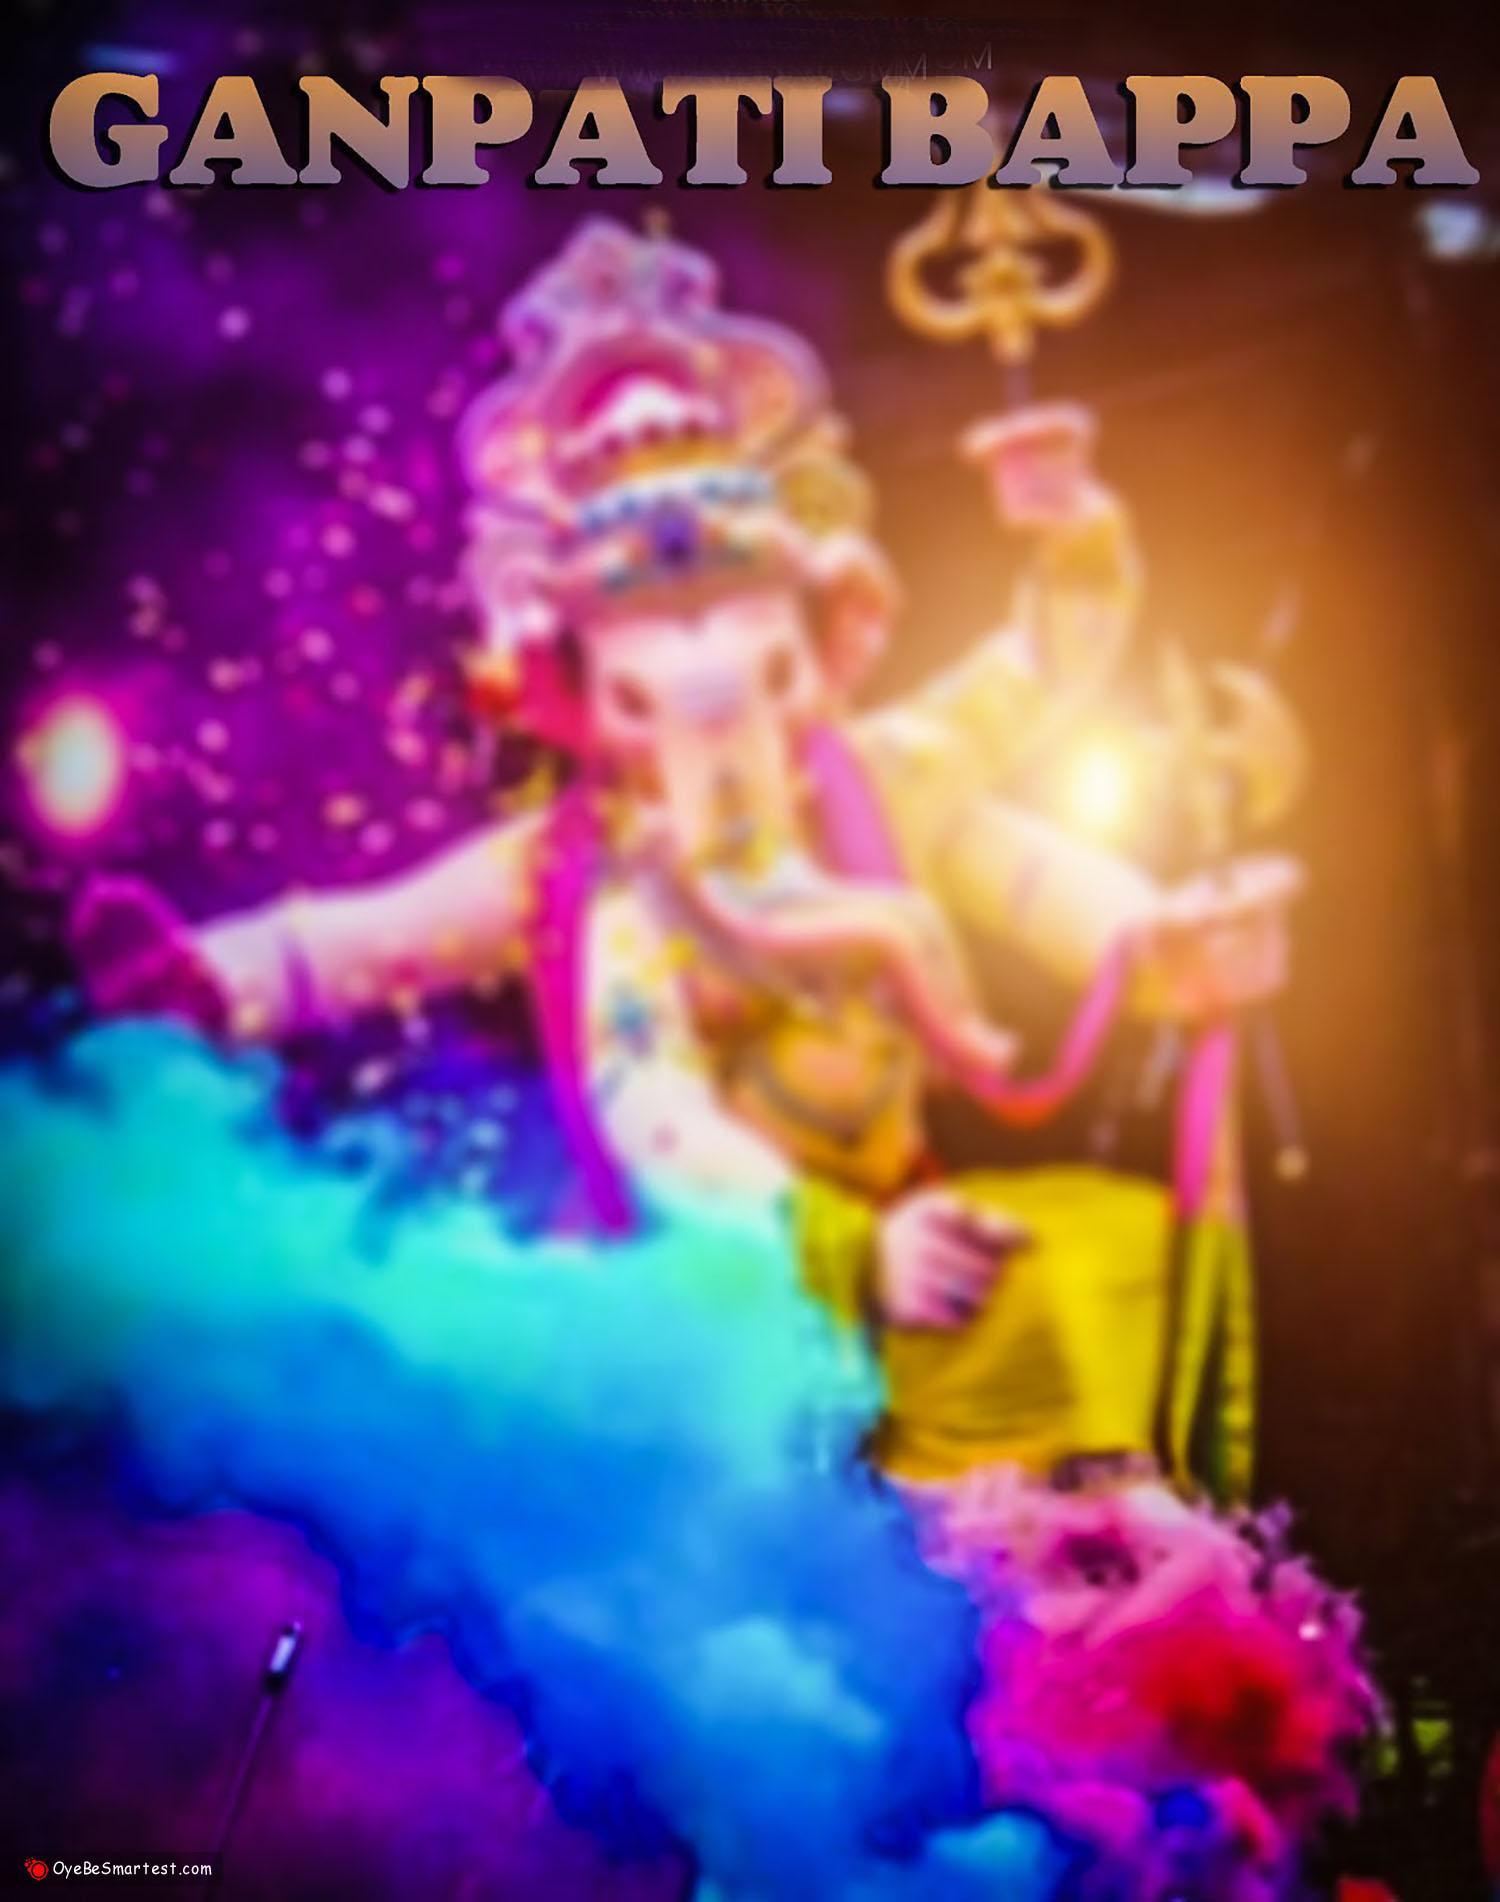 Ganpati bappa background || Ganesh bappa background